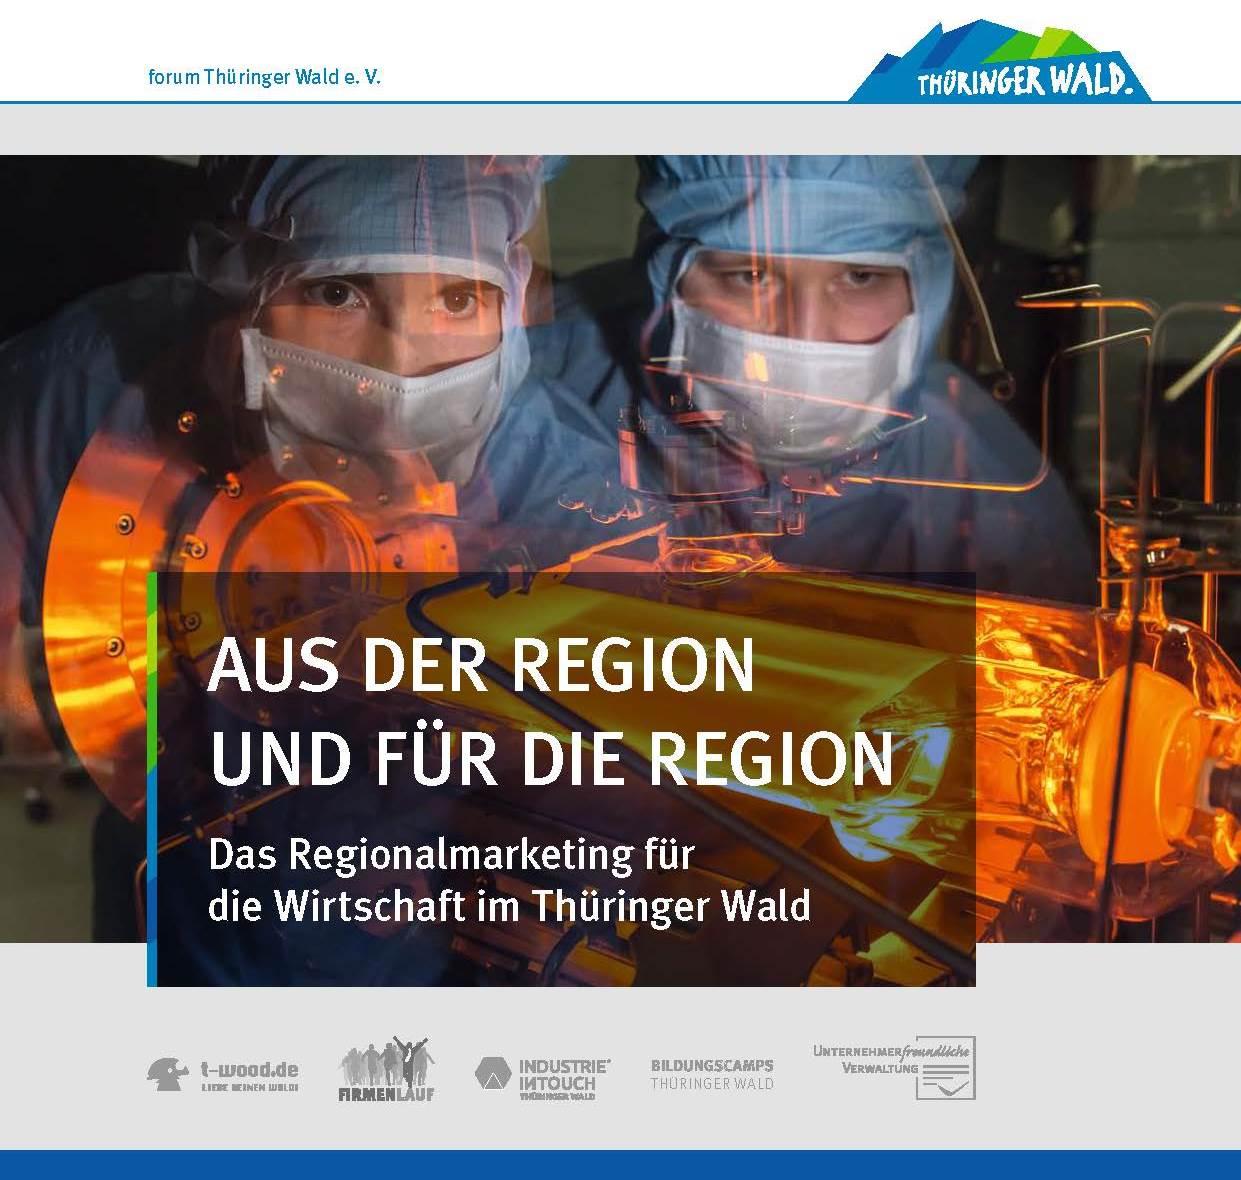 Startseite der Website Forum Thüringer Wald e.V. - Aus der Region und für die Region. Das Regionalmarketing für die Wirtschaft im Thüringer Wald